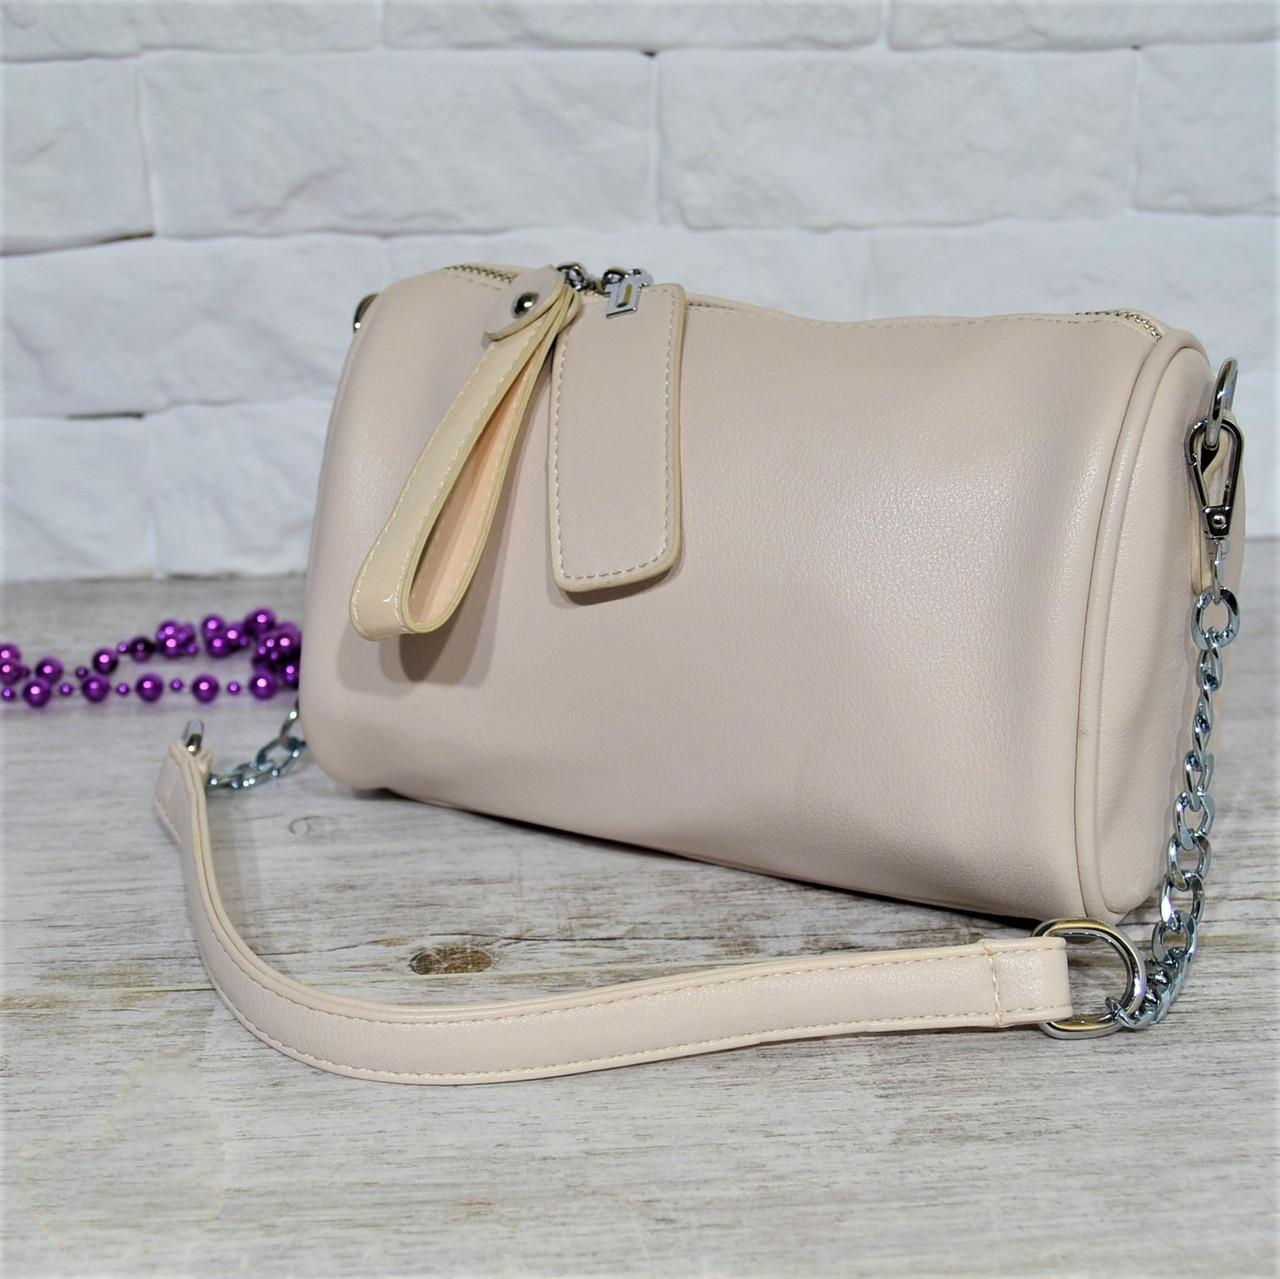 Сумочка Моника кросс-боди с цепочкой и длинным ремешком бежевая женская Женская сумка Сумка для девушки